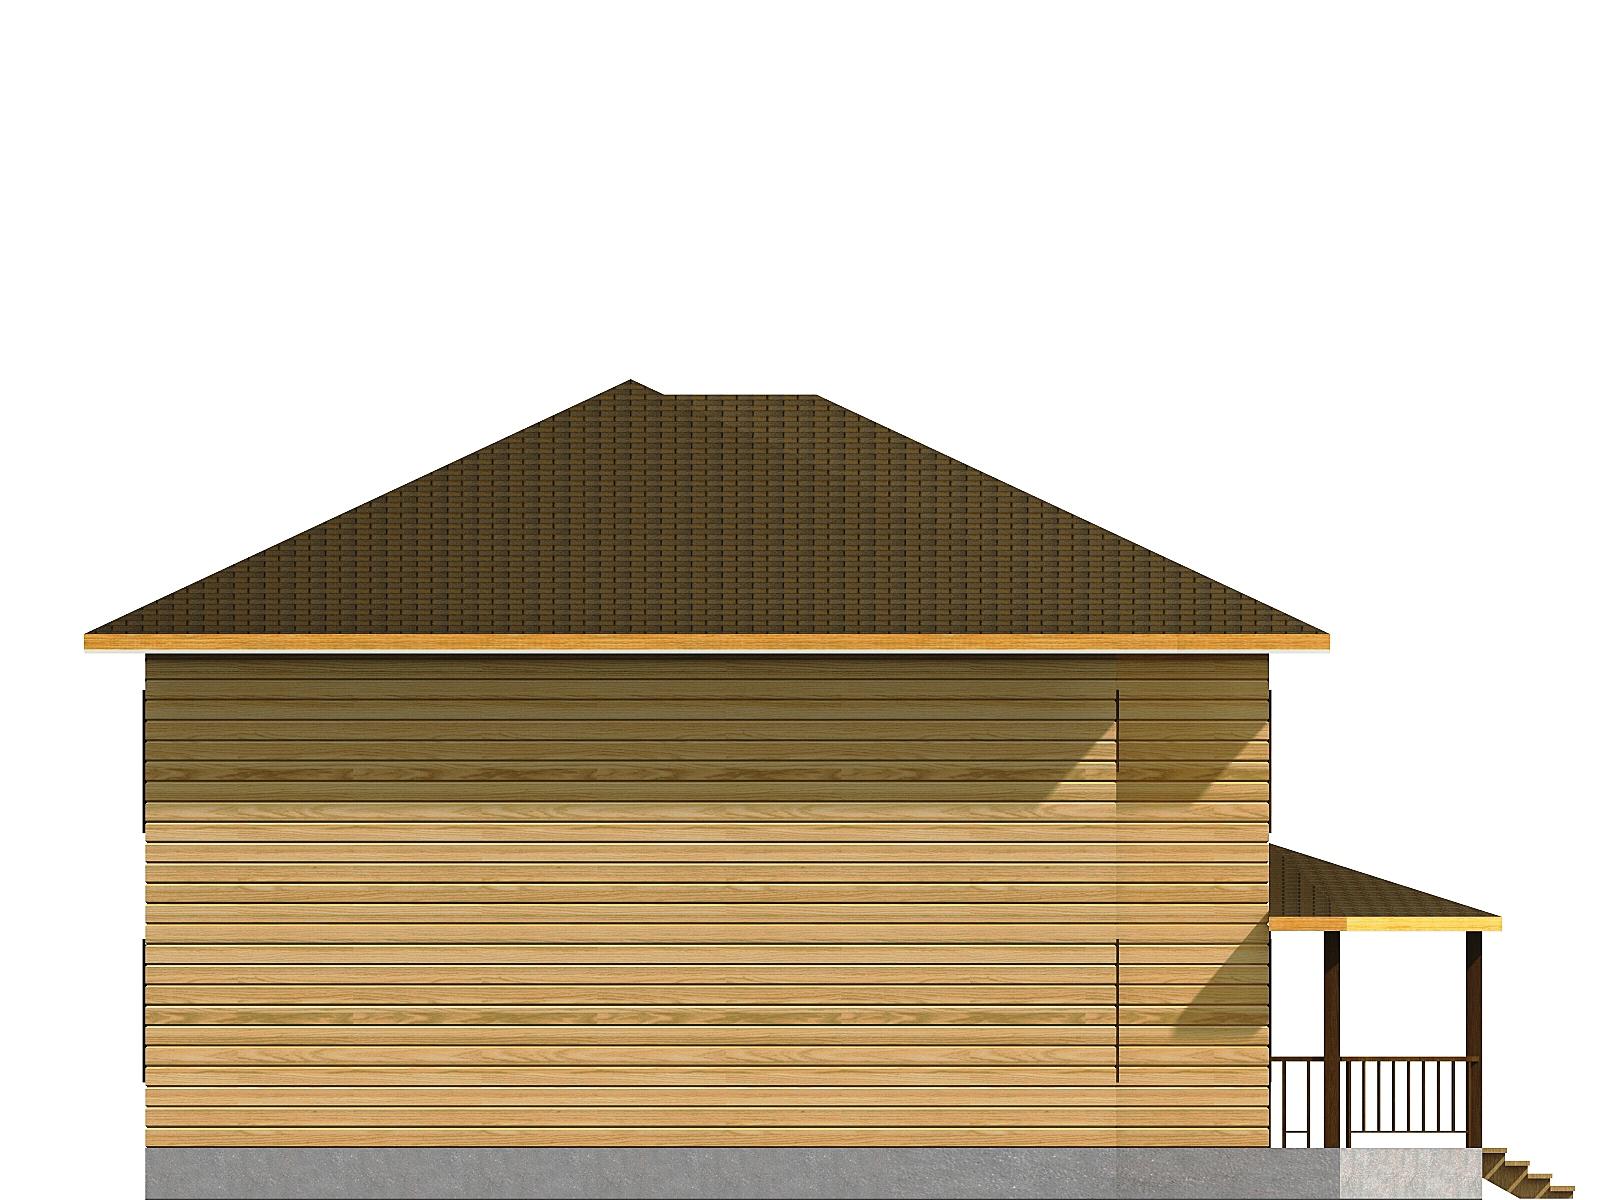 Проект дома из бруса 11х12 2 этажа с крыльцом и террасой. Разрез 4.